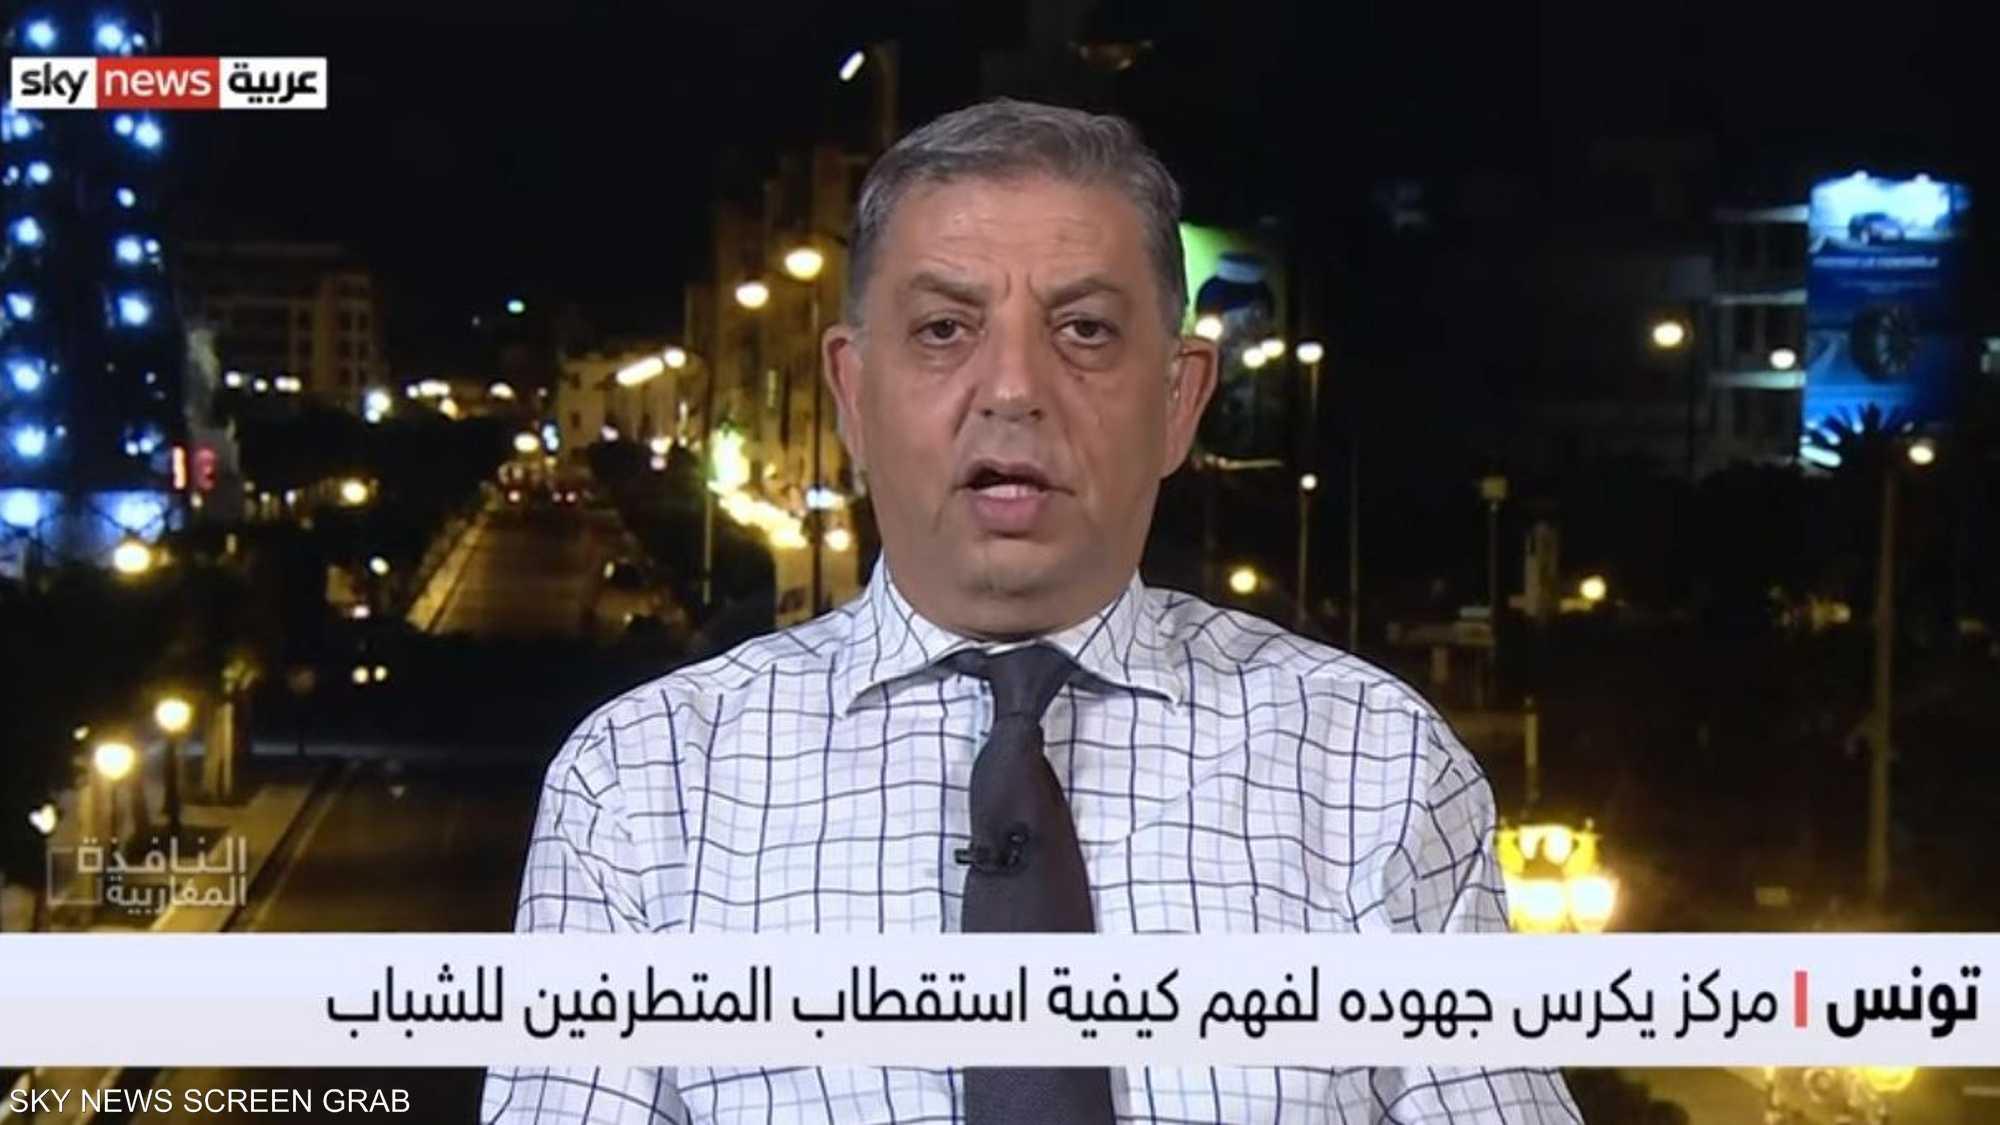 تونس.. جهود لدمج واستقطاب الشباب المتطرفين في المجتمع